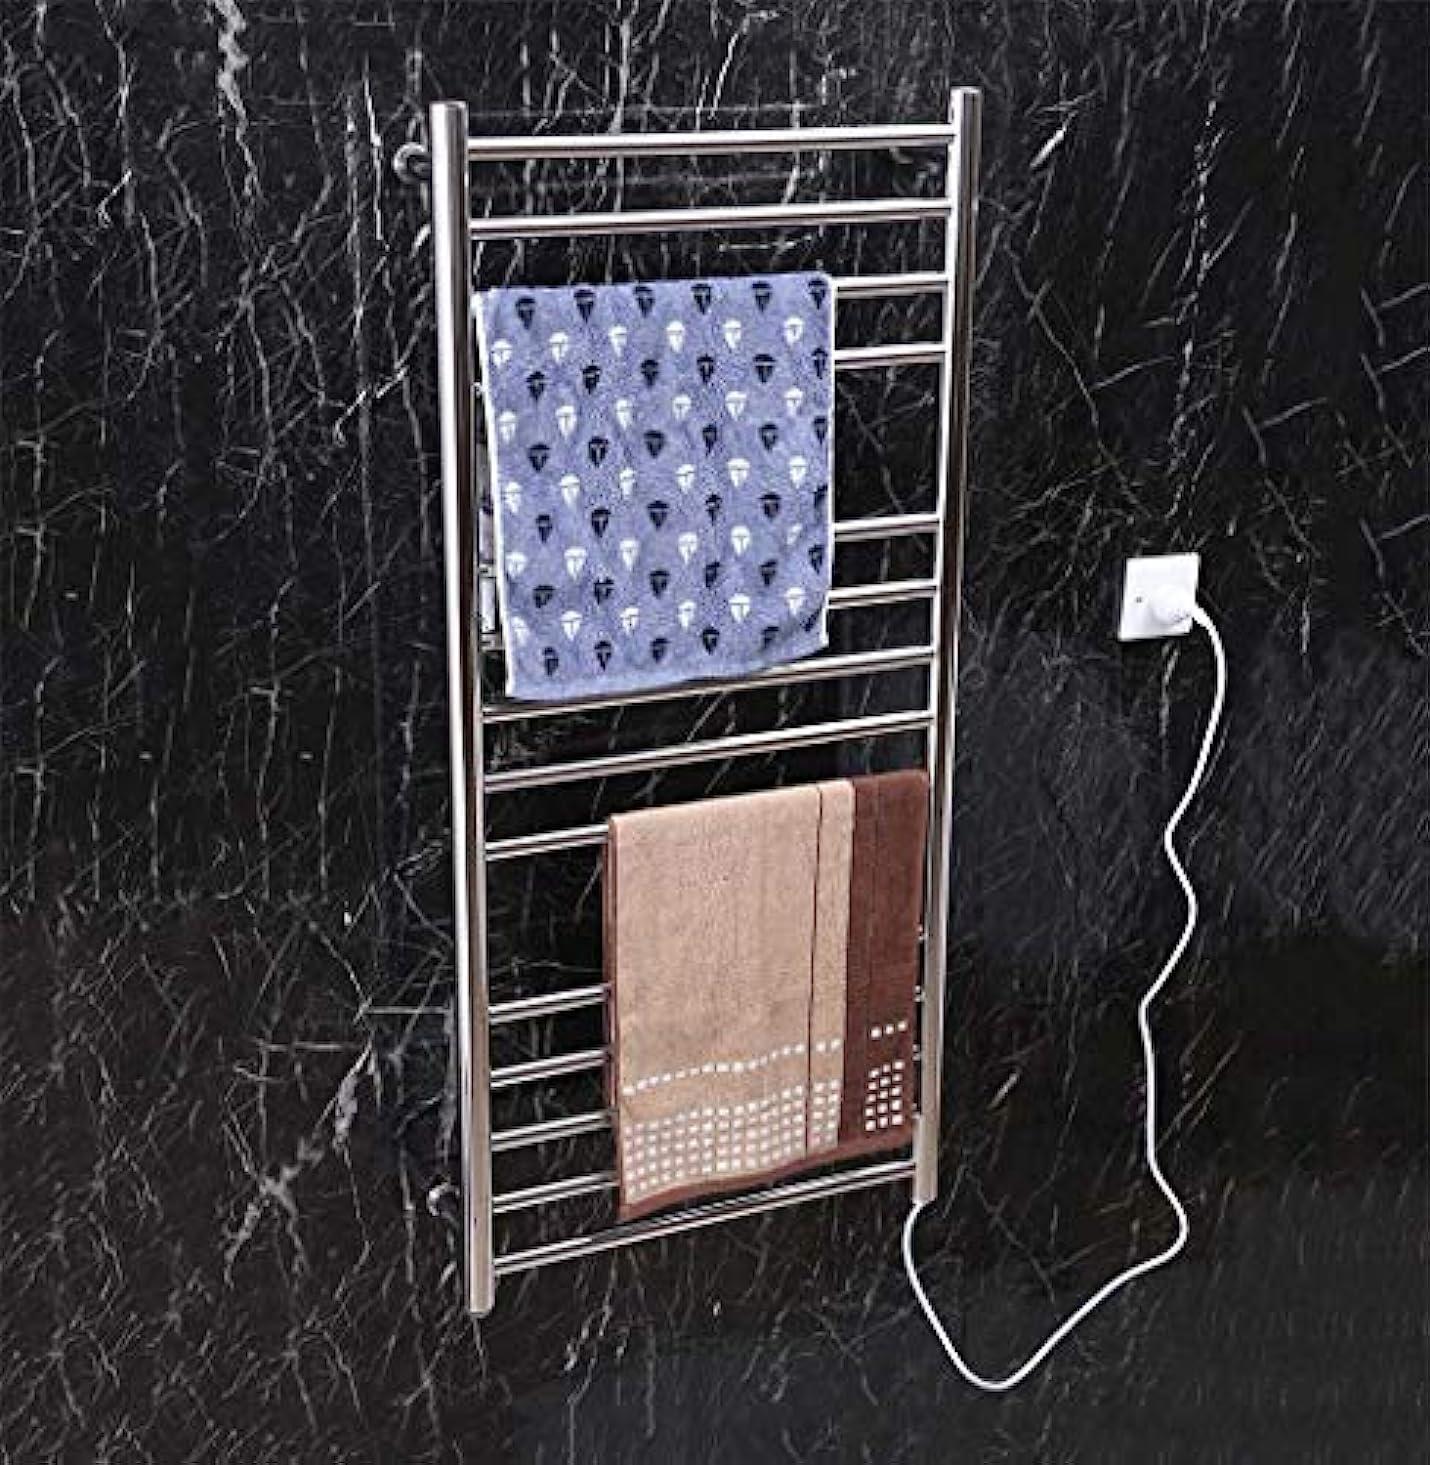 正統派密象スマート電気タオルウォーマー、304ステンレススチール壁掛け電気タオルラジエーター、家庭用ホテルのバスルームシェルフ、1100X520X120mm